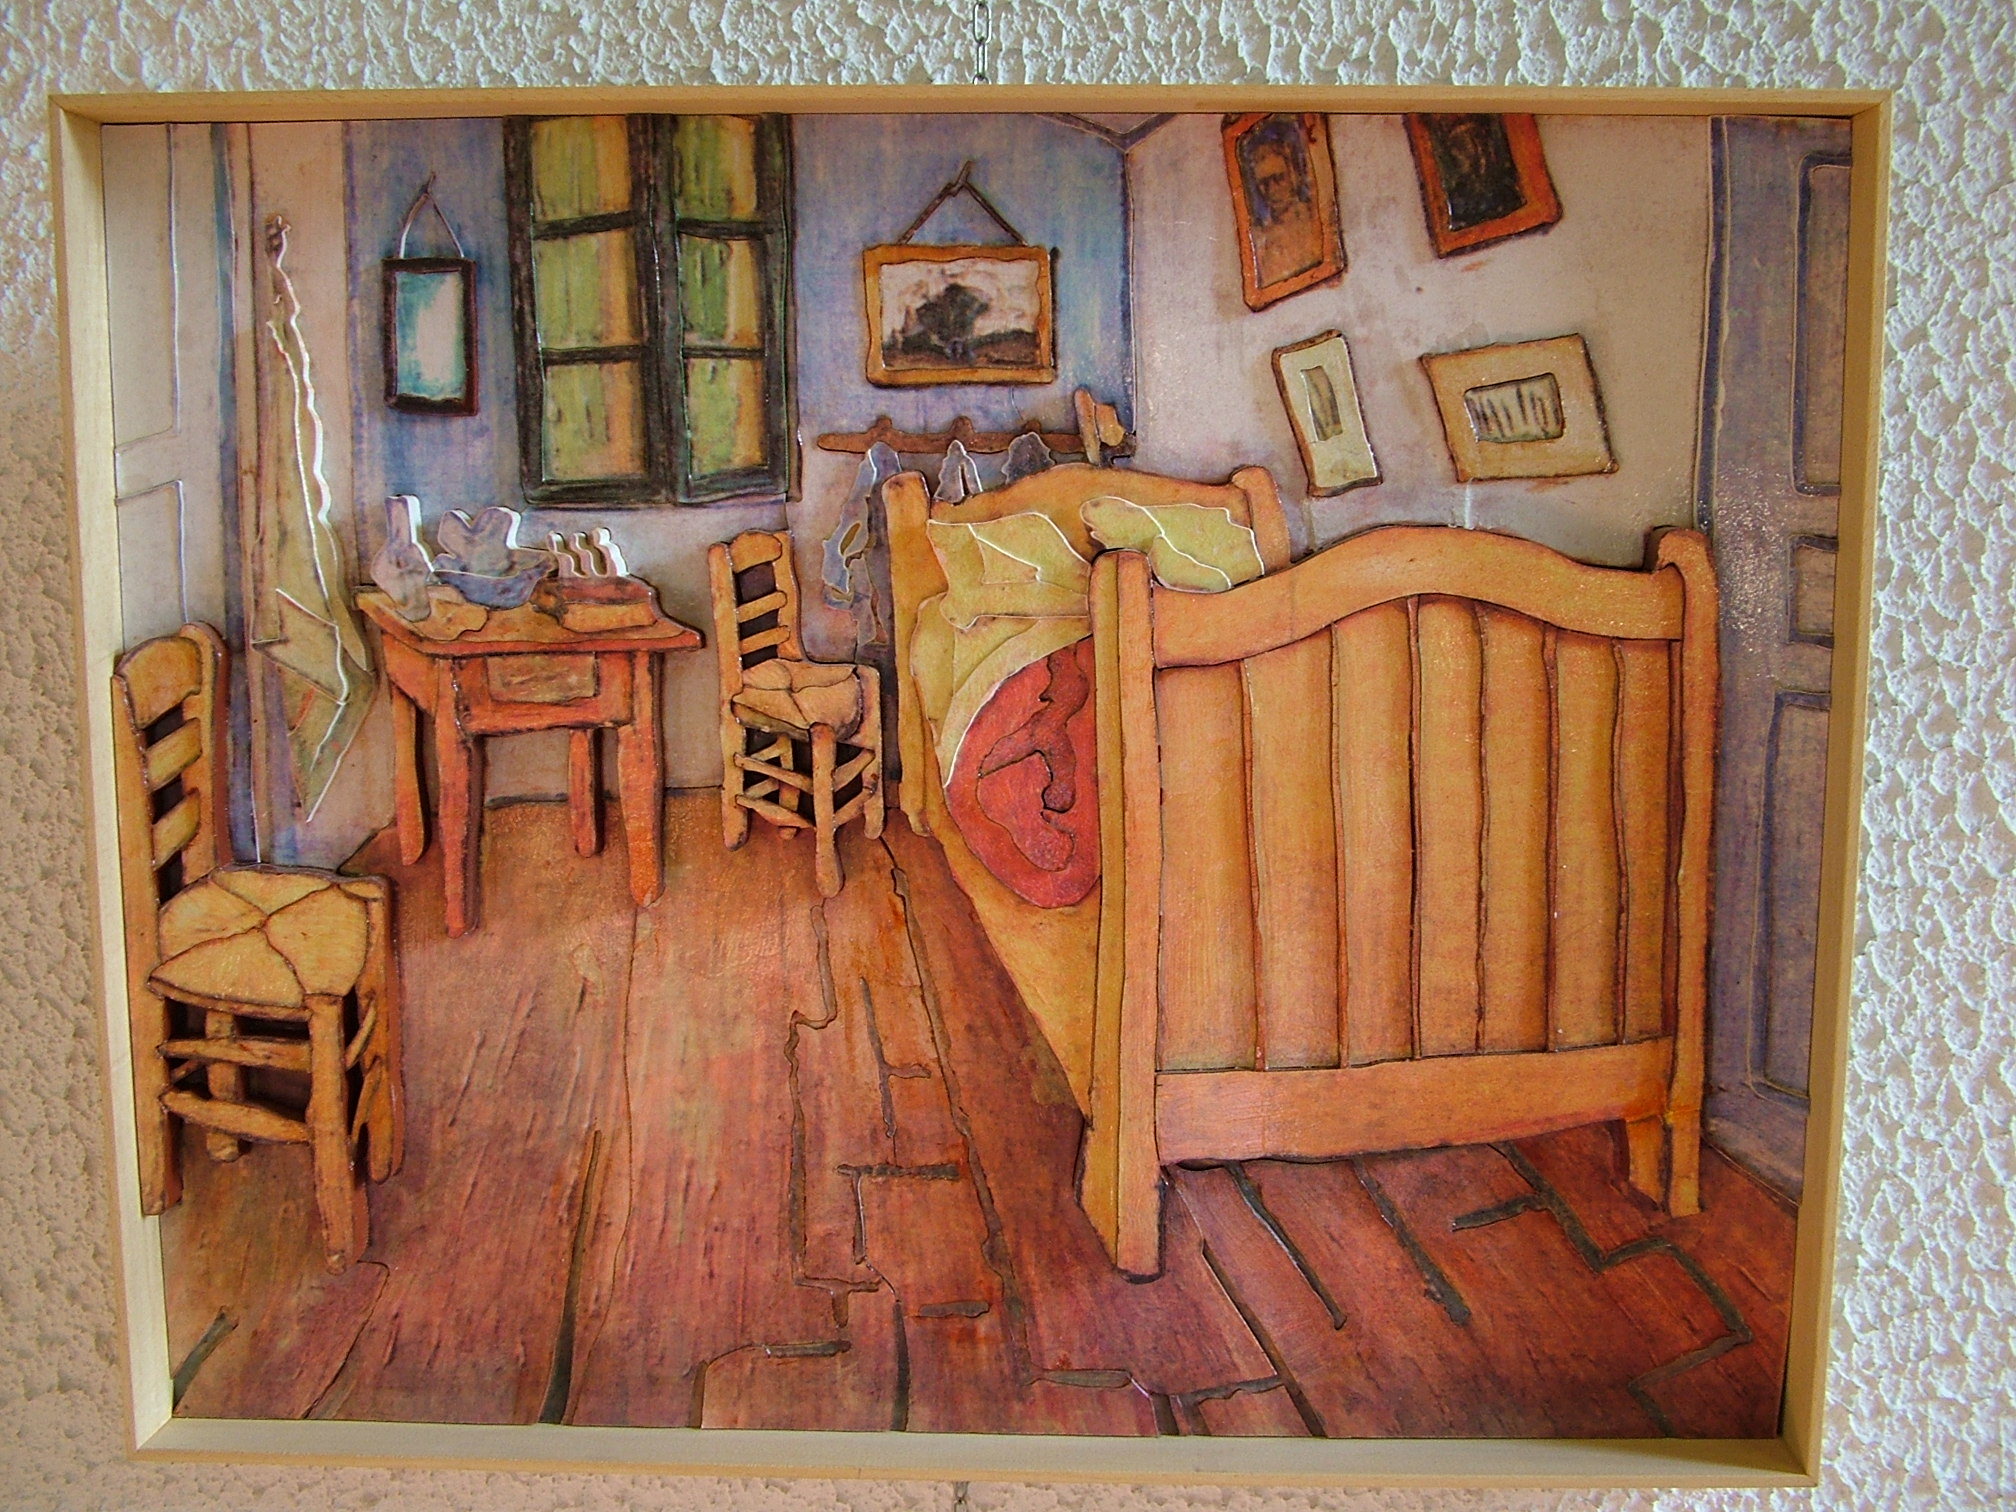 Bielle - La camera da letto van gogh ...